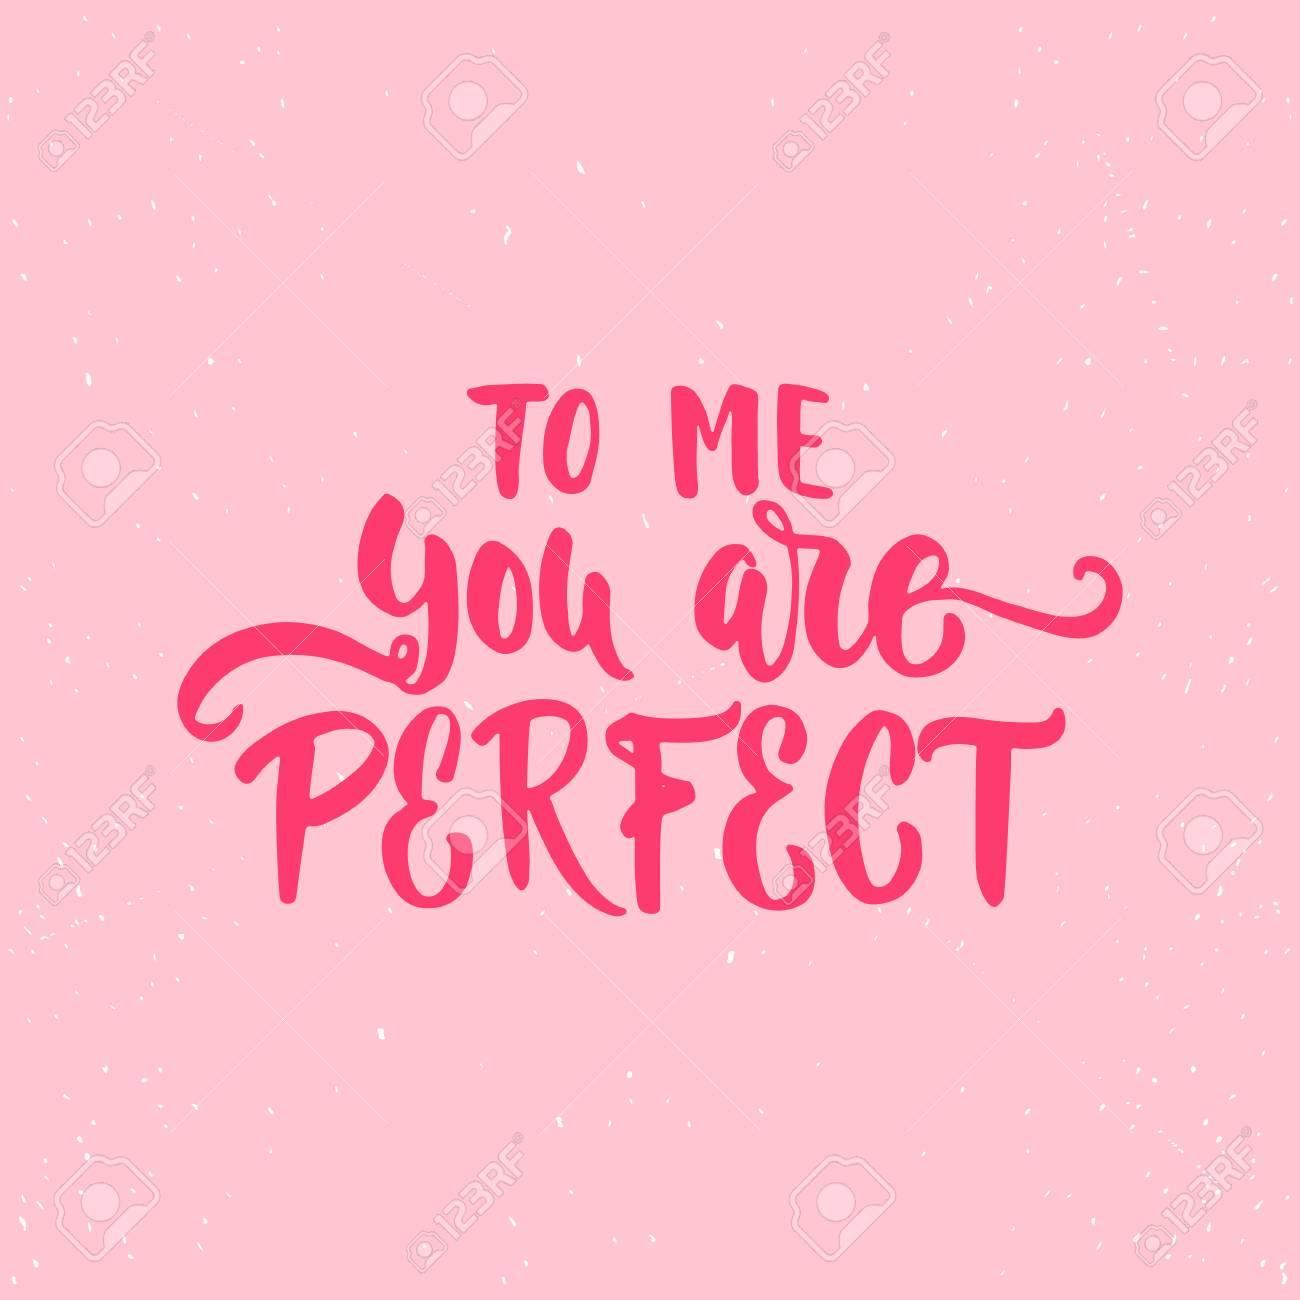 Para Mí Eres Perfecta Letras Día De San Valentín De La Caligrafía Frase Aislada En El Fondo Tipografía De Tinta Cepillo De Diversión Para Los